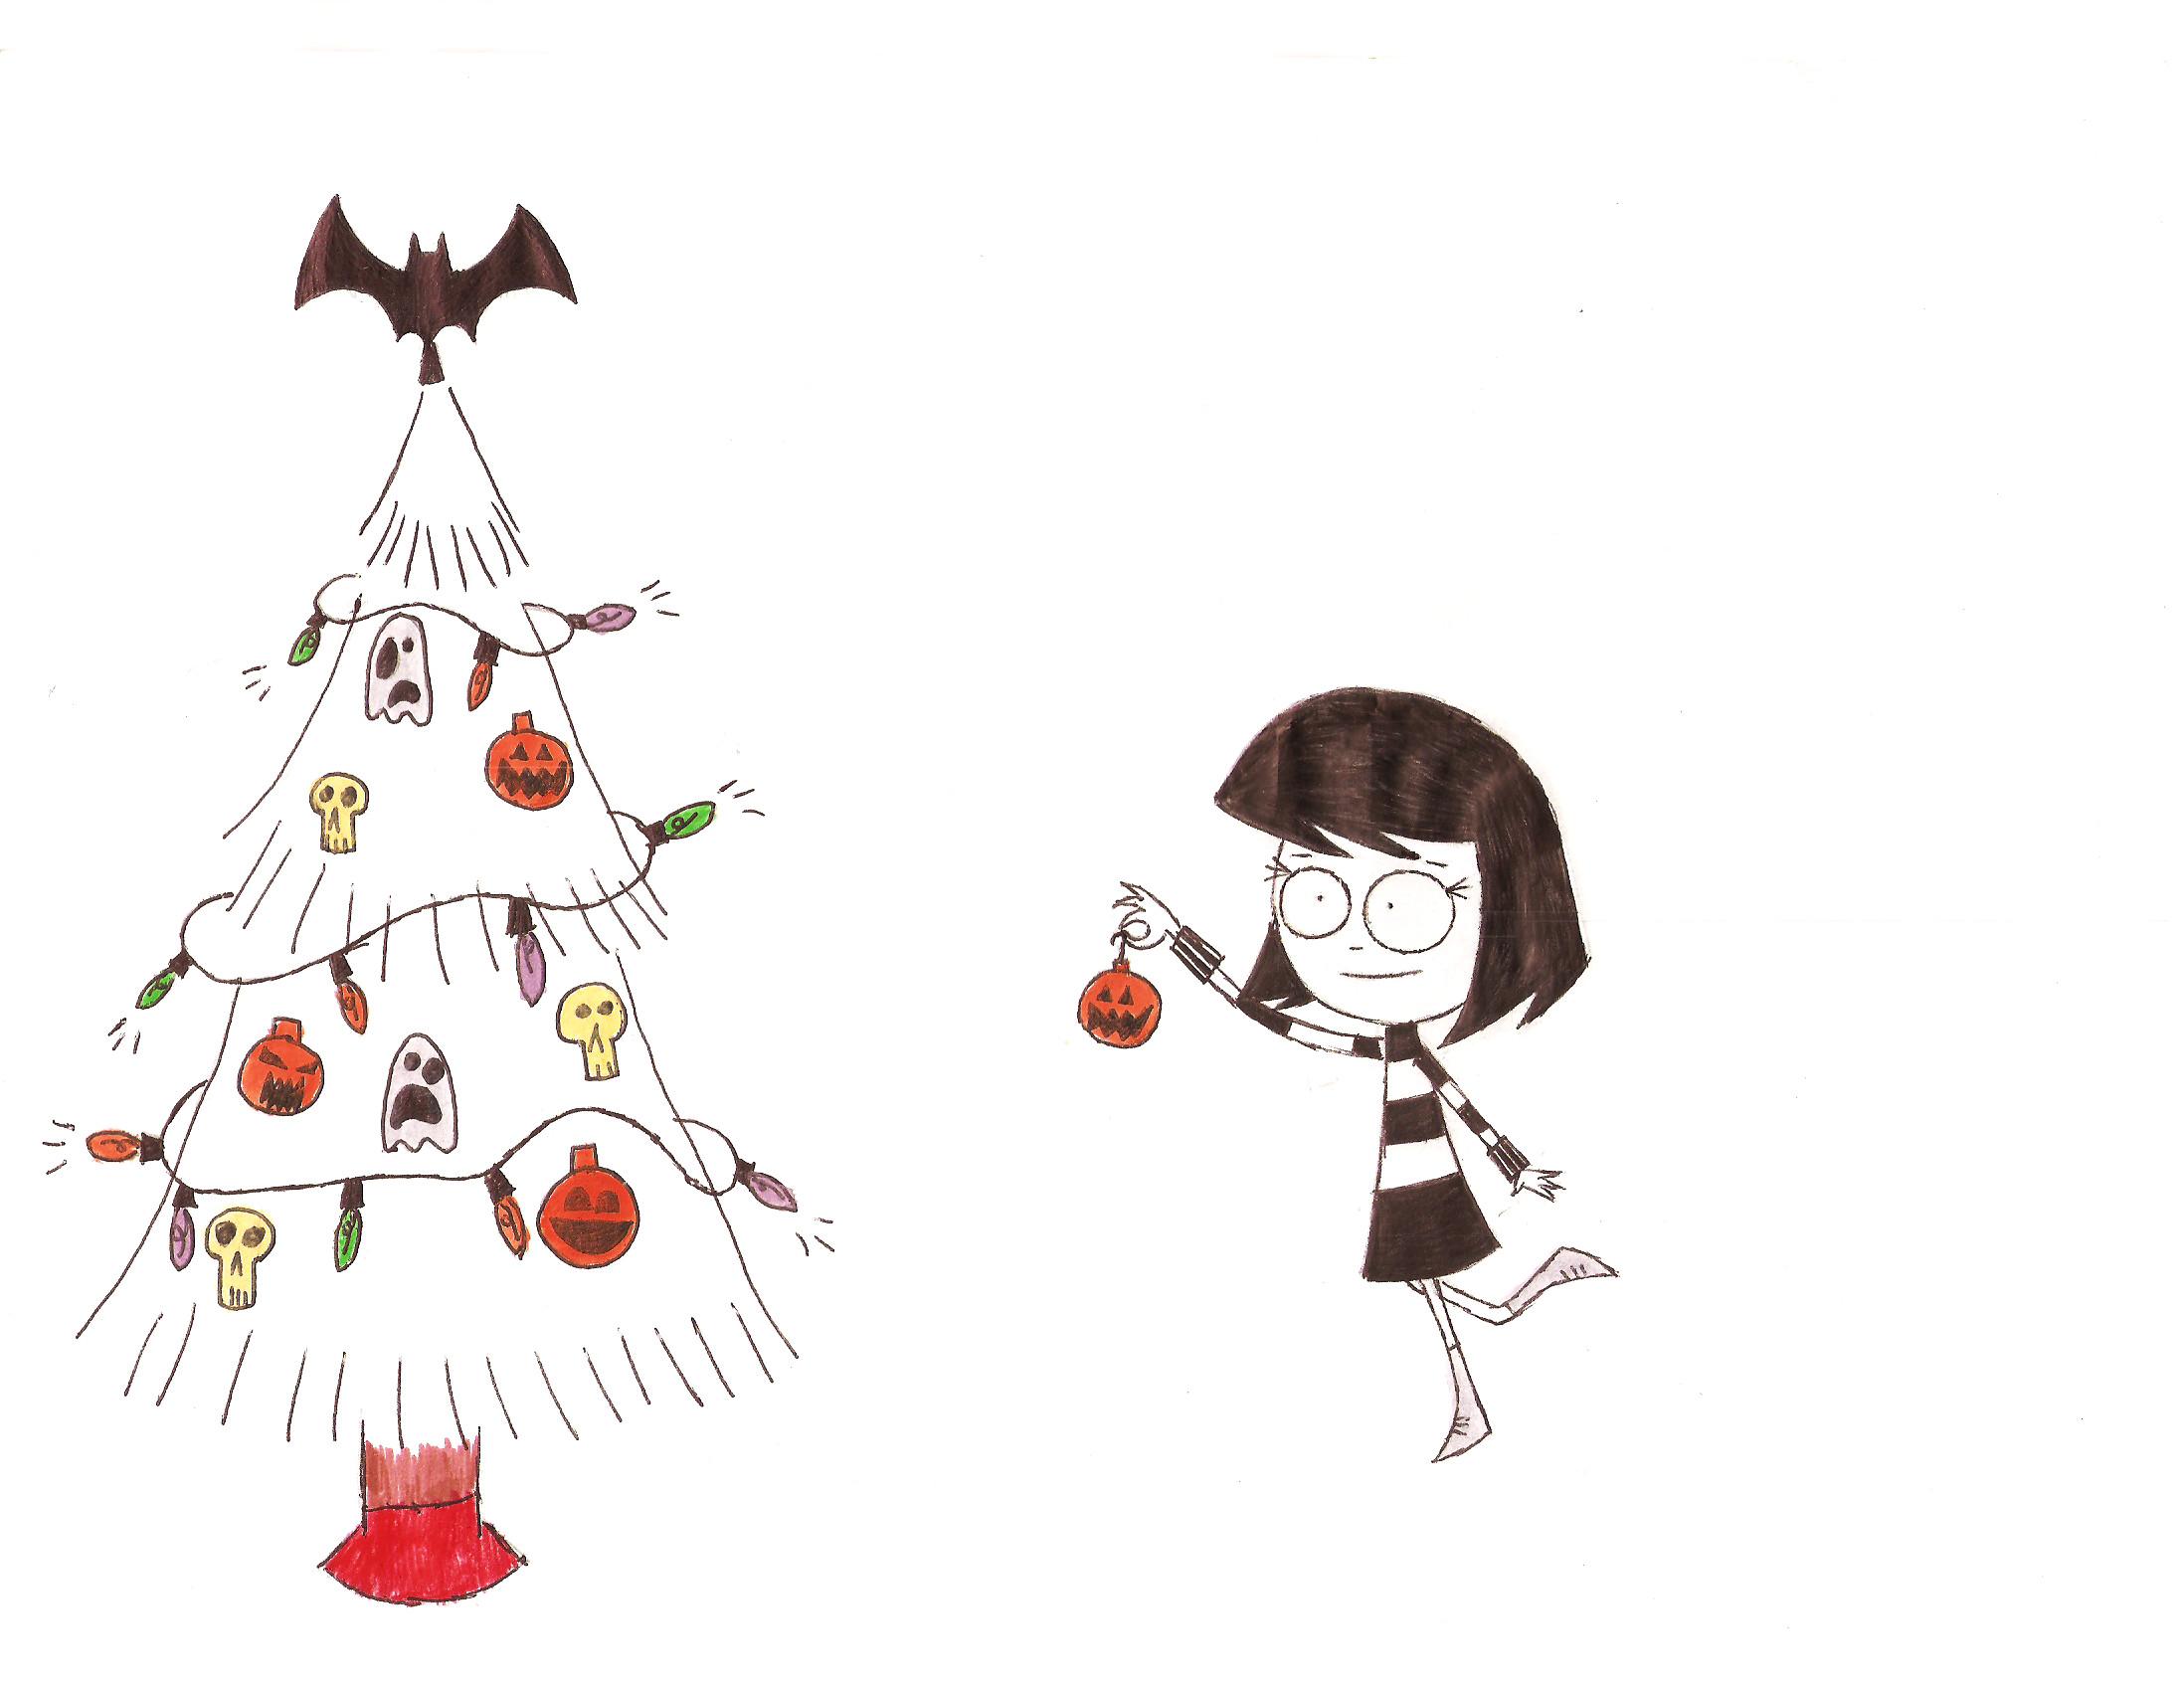 dibujo de una niña decorando el árbol de navidad con artículos de halloween